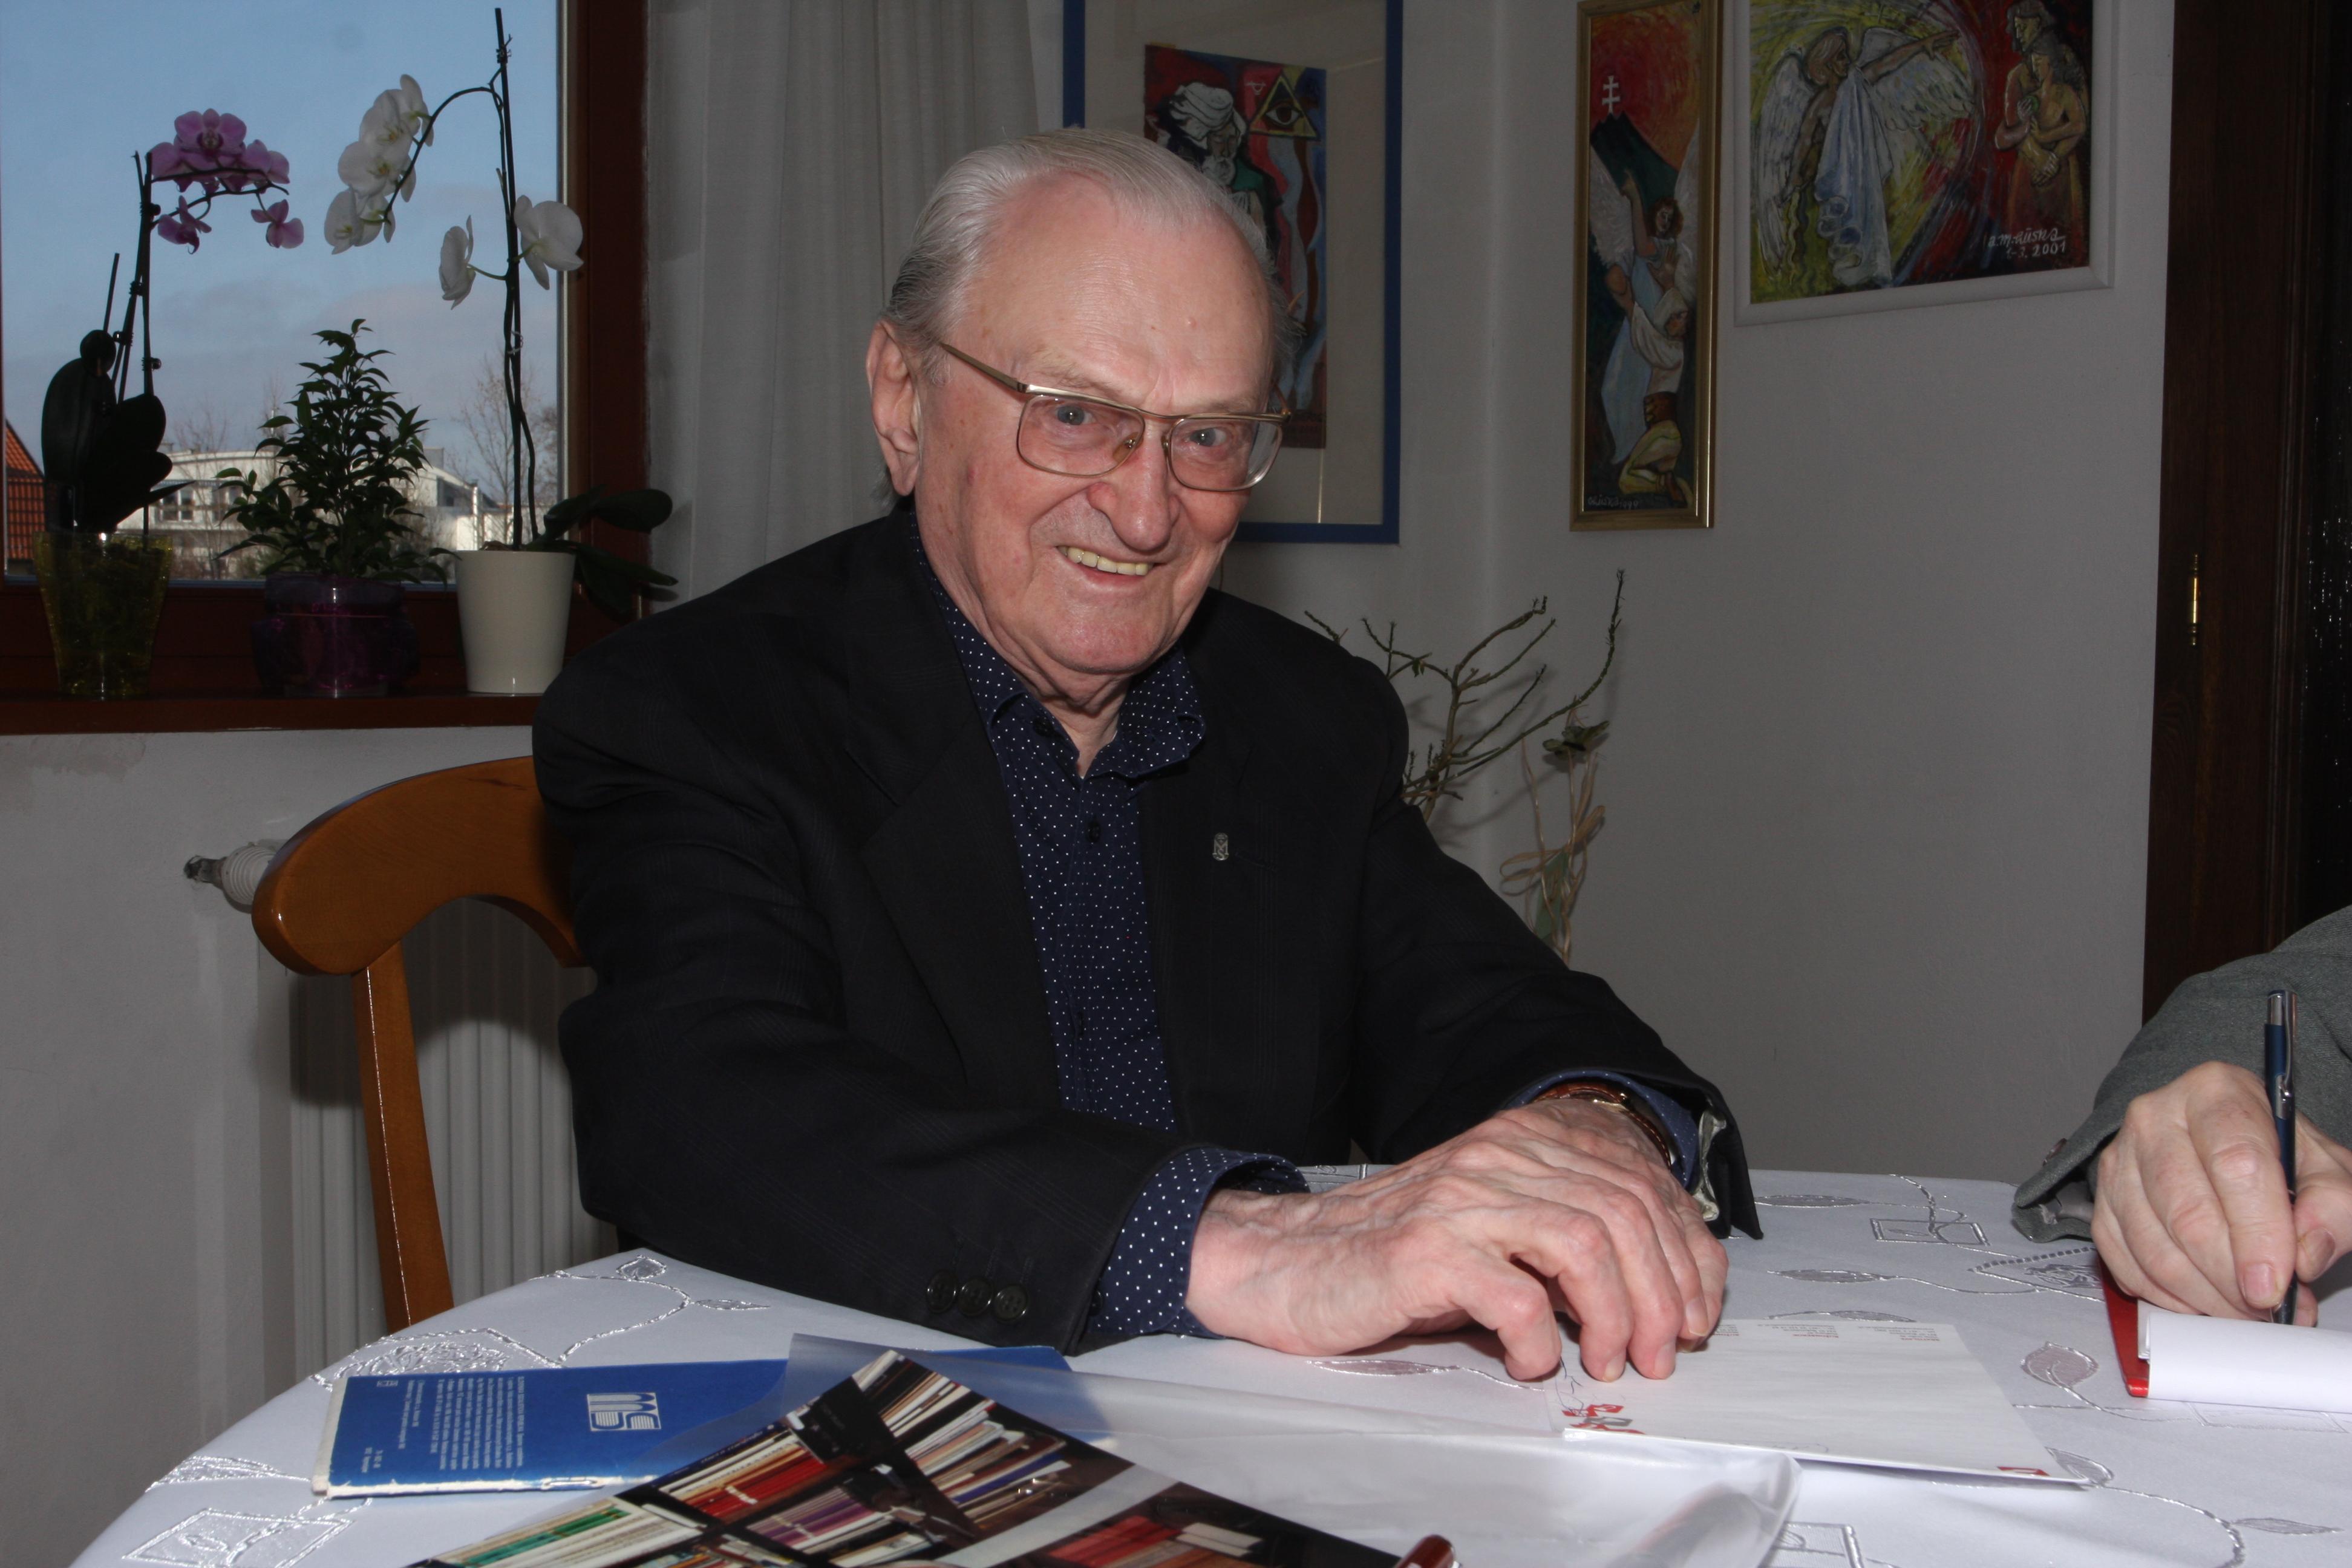 Profesor Milan S. Ďurica sa narodil pred 90. rokmi - 13. augusta 1925 v Krivanoch. (Foto: archív)